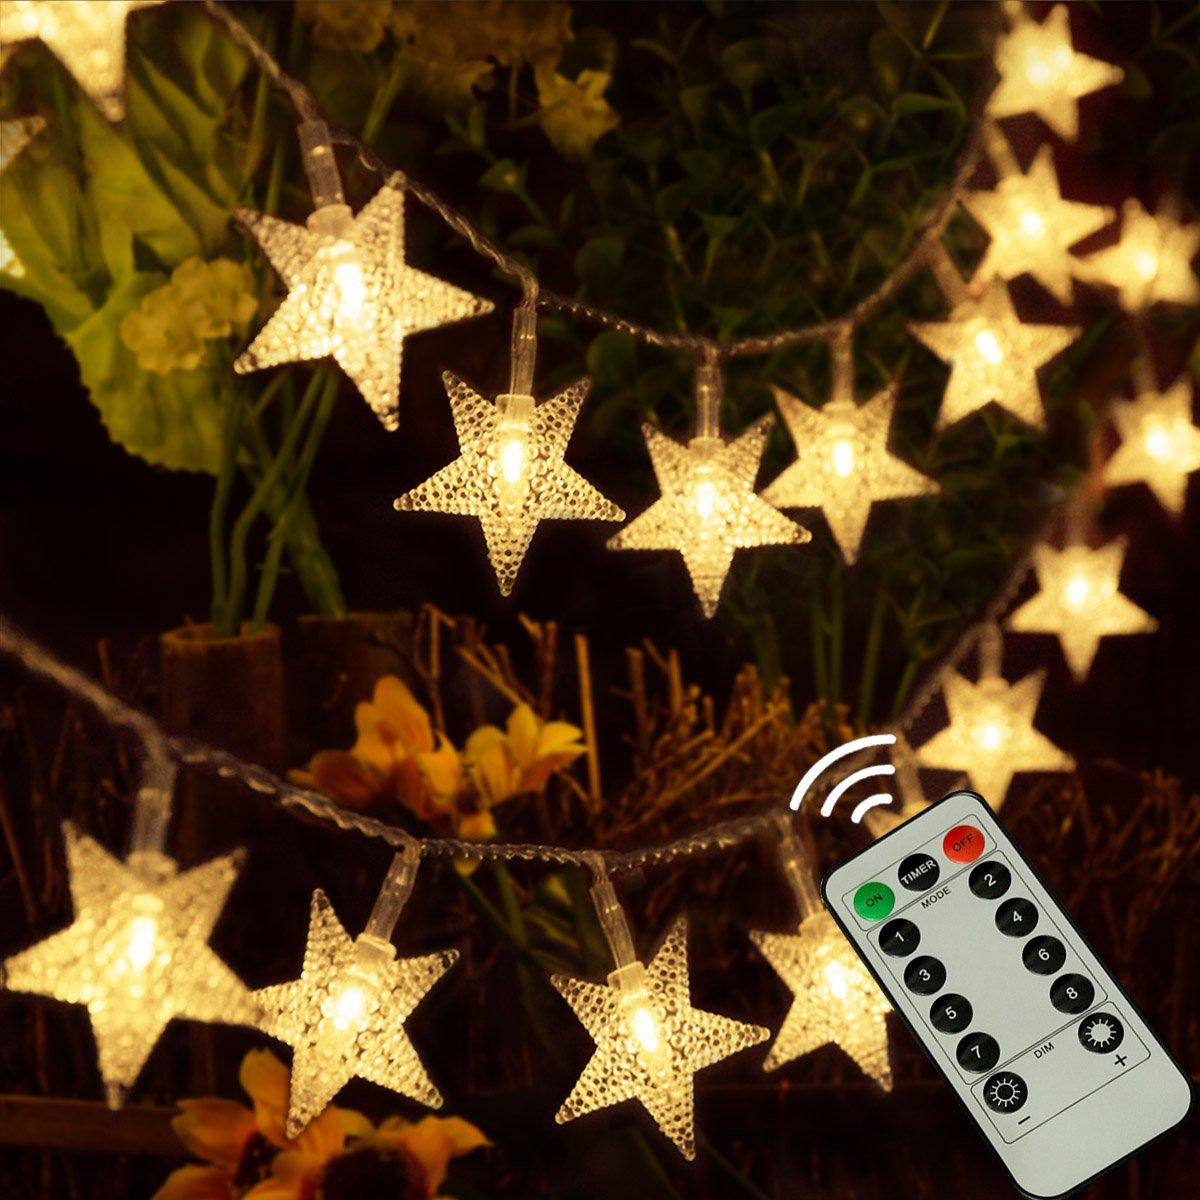 kingleder 25ft 50 LED Xmas Star Light Fairy String Light w Remote for Christmas Weddings Family Festival Party Warm White